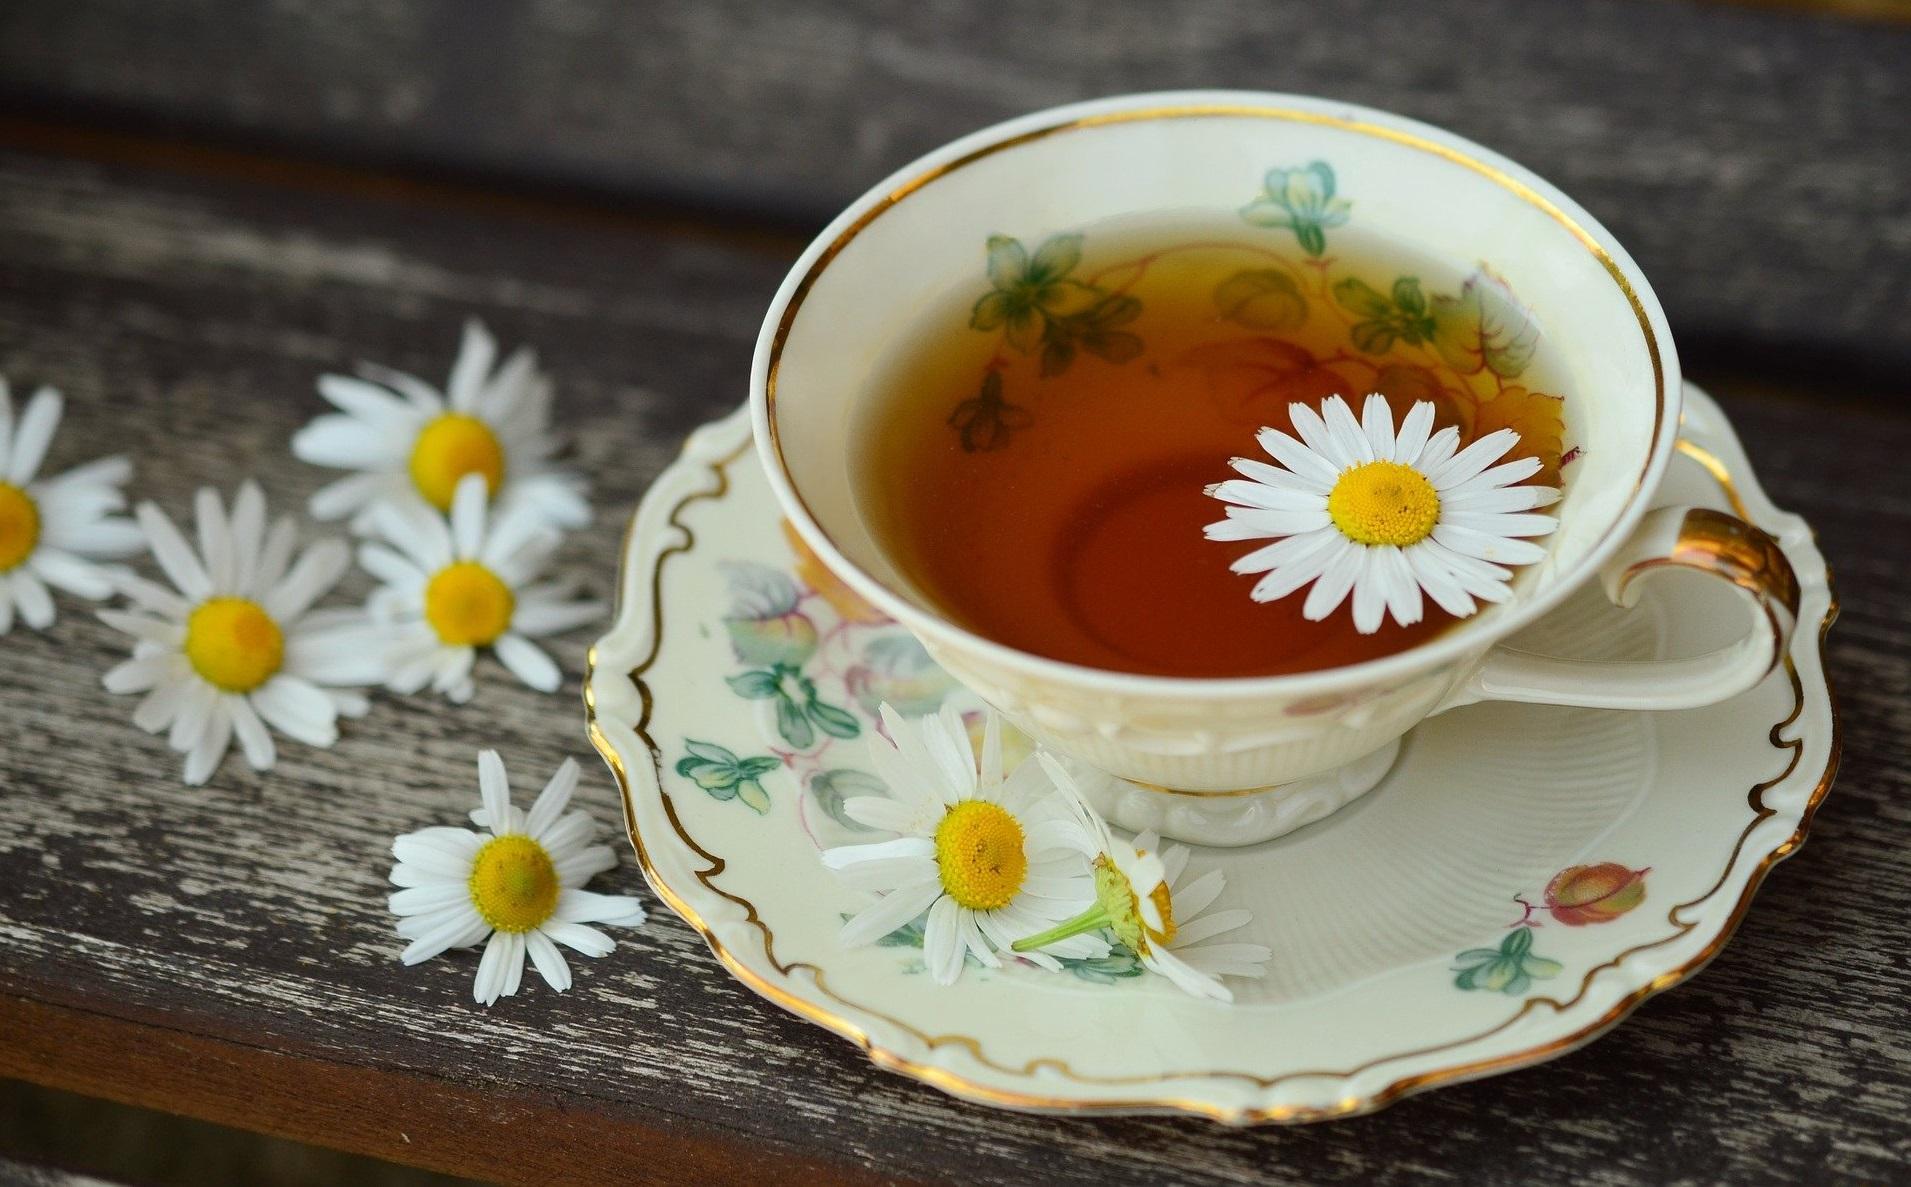 Je spojina iz zelenega čaja zaviralec tumorjev?